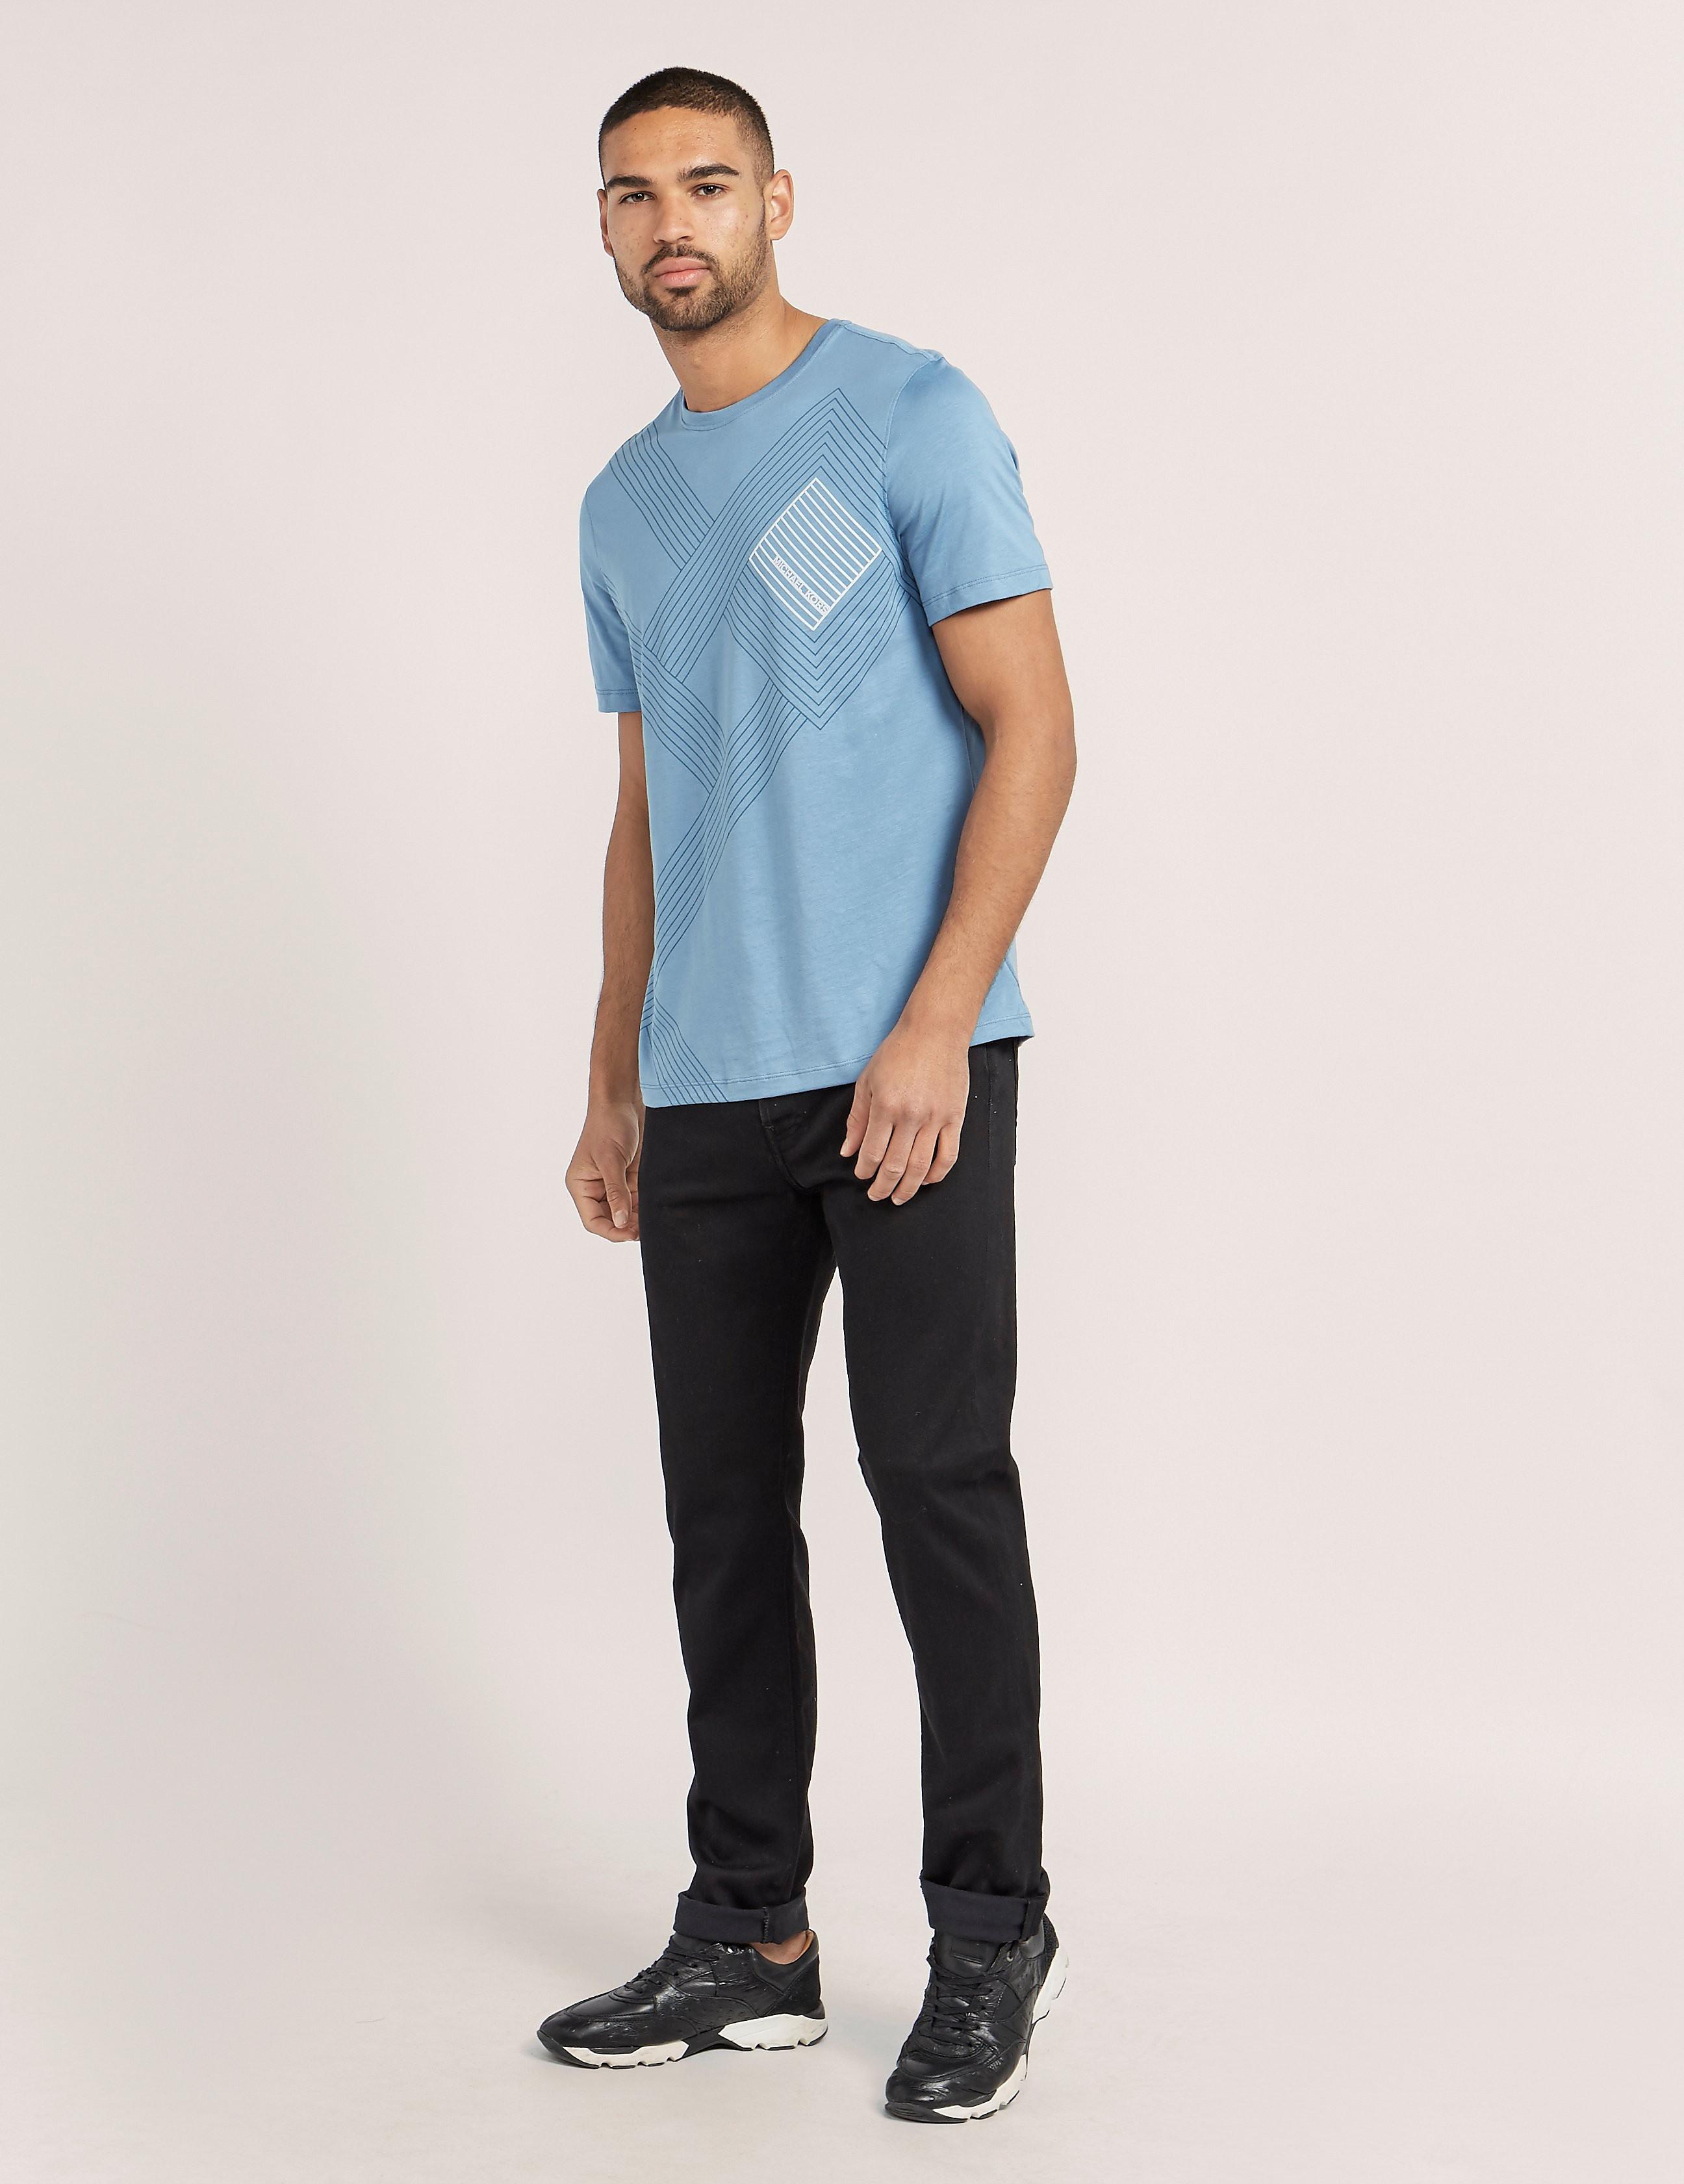 Michael Kors Maze Short Sleeve T-Shirt